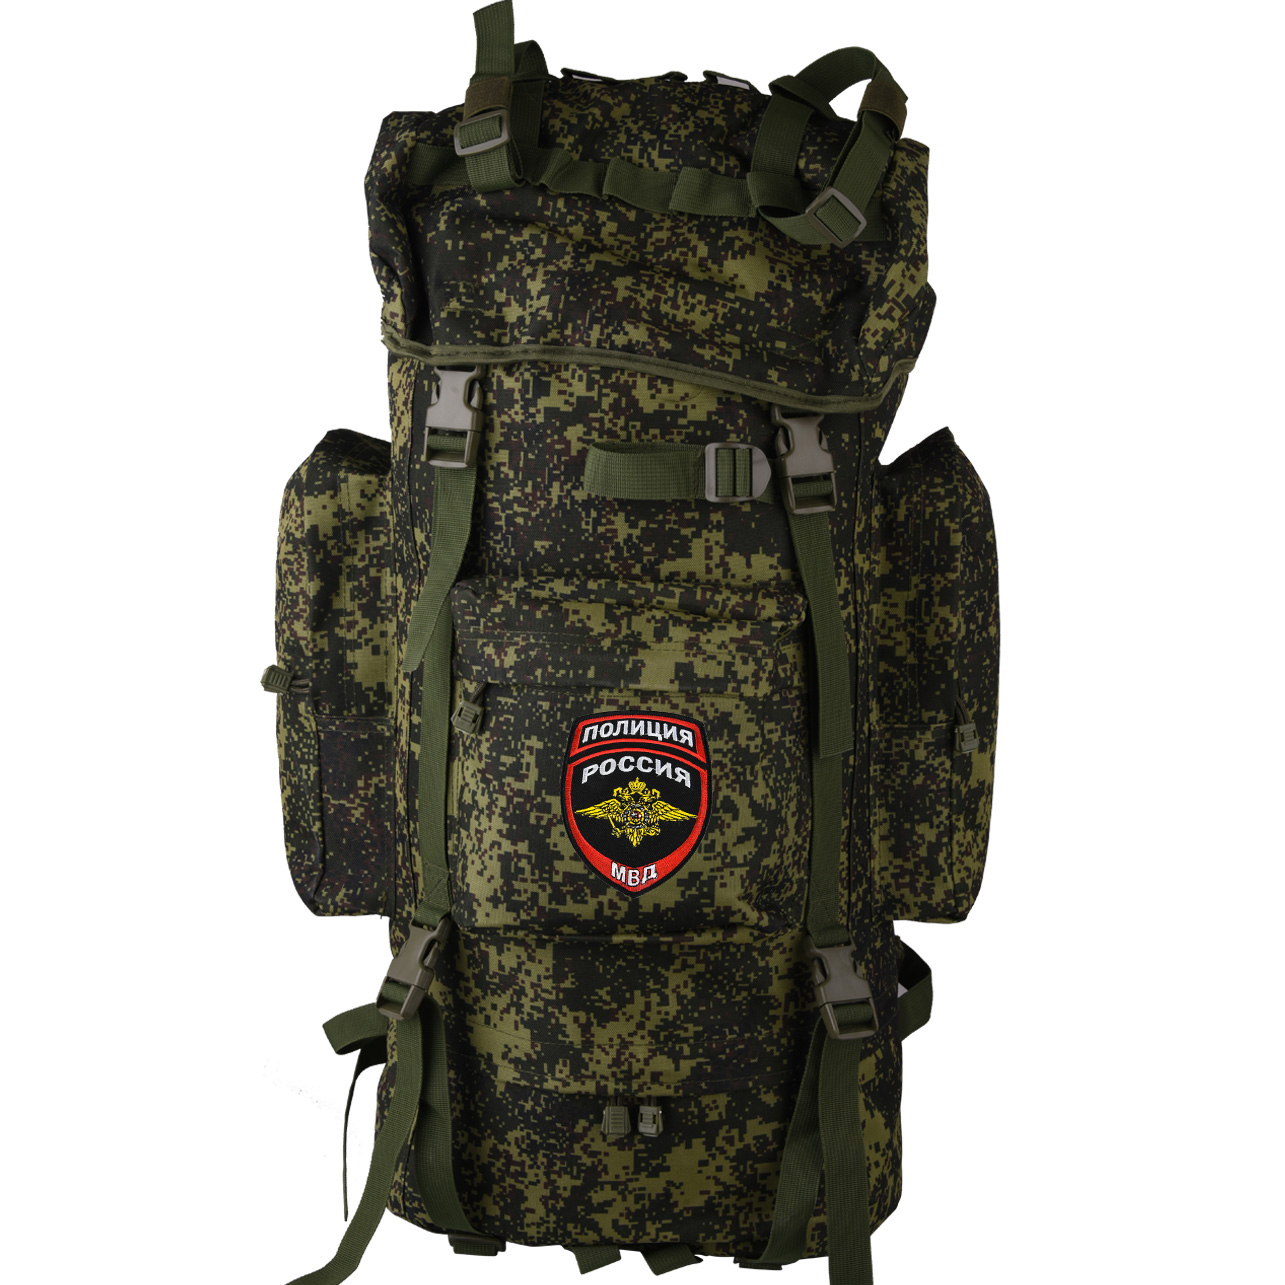 Армейский вместительный рюкзак с нашивкой Полиция России - заказать выгодно